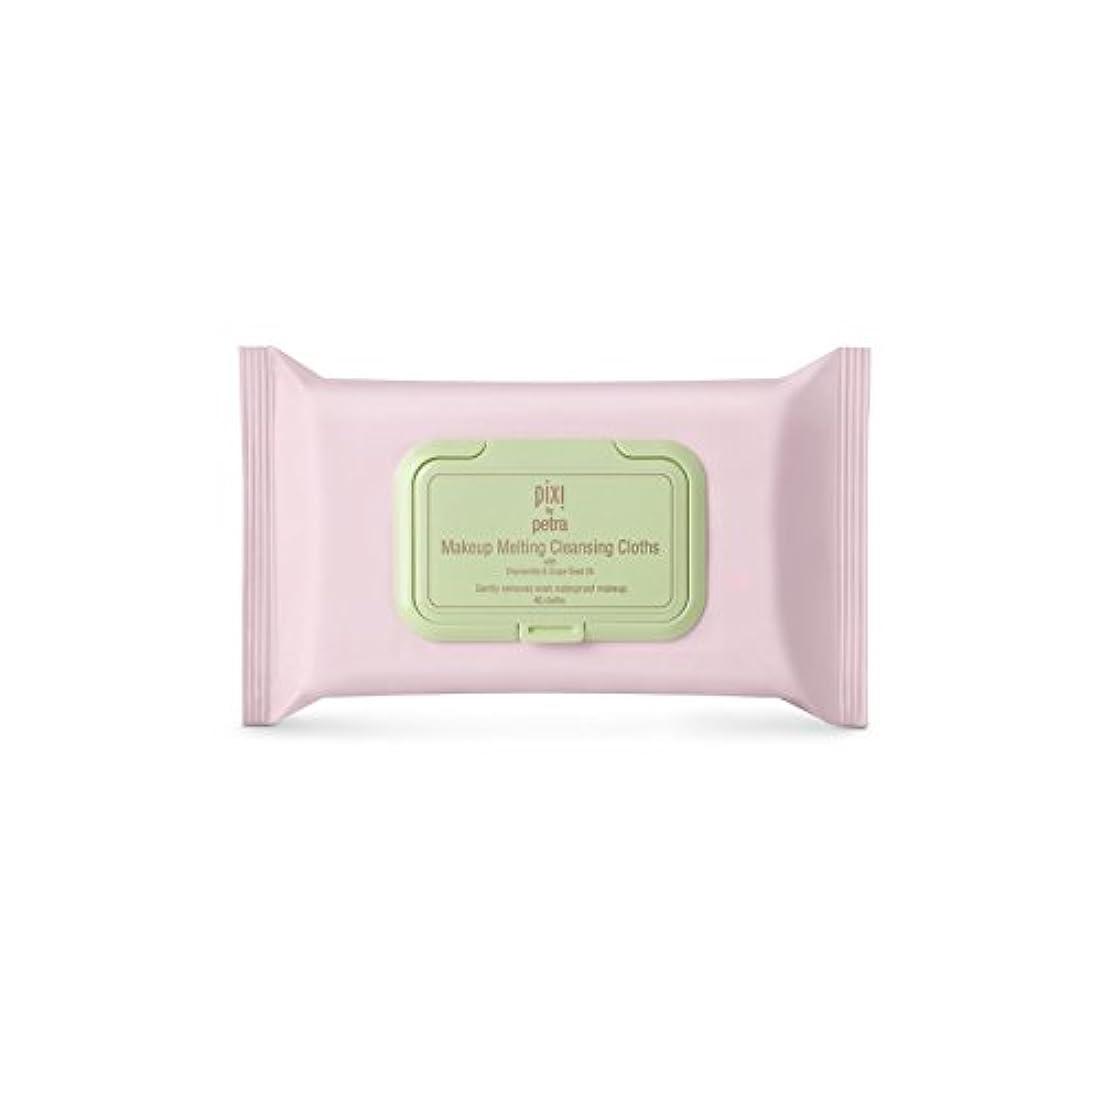 静める解凍する、雪解け、霜解けドックPixi Makeup Melting Cleansing Cloths (Pack of 6) - 化粧溶融クレンジングクロス x6 [並行輸入品]